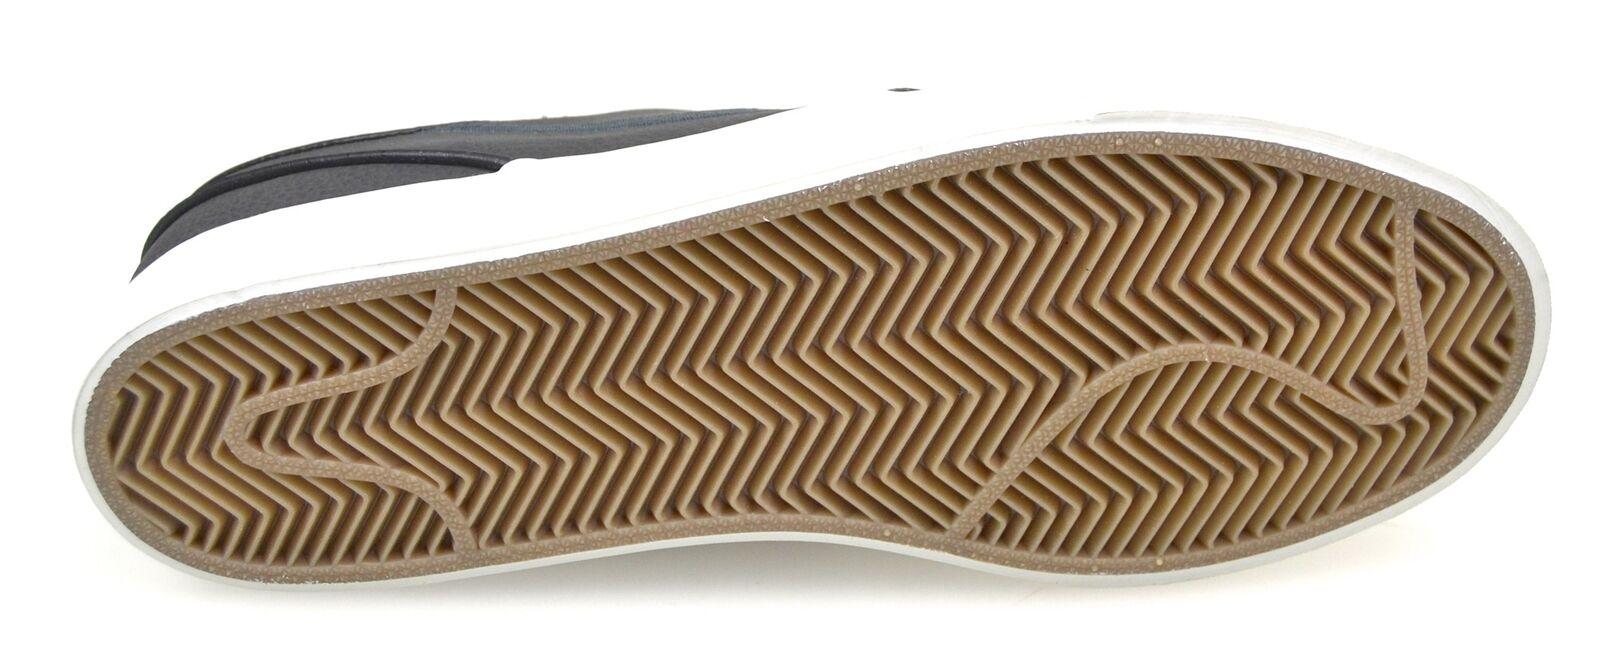 Nike - mann sneaker schuhe stefan lässig code nike zoom stefan schuhe janoski l 616490 022 7af93b